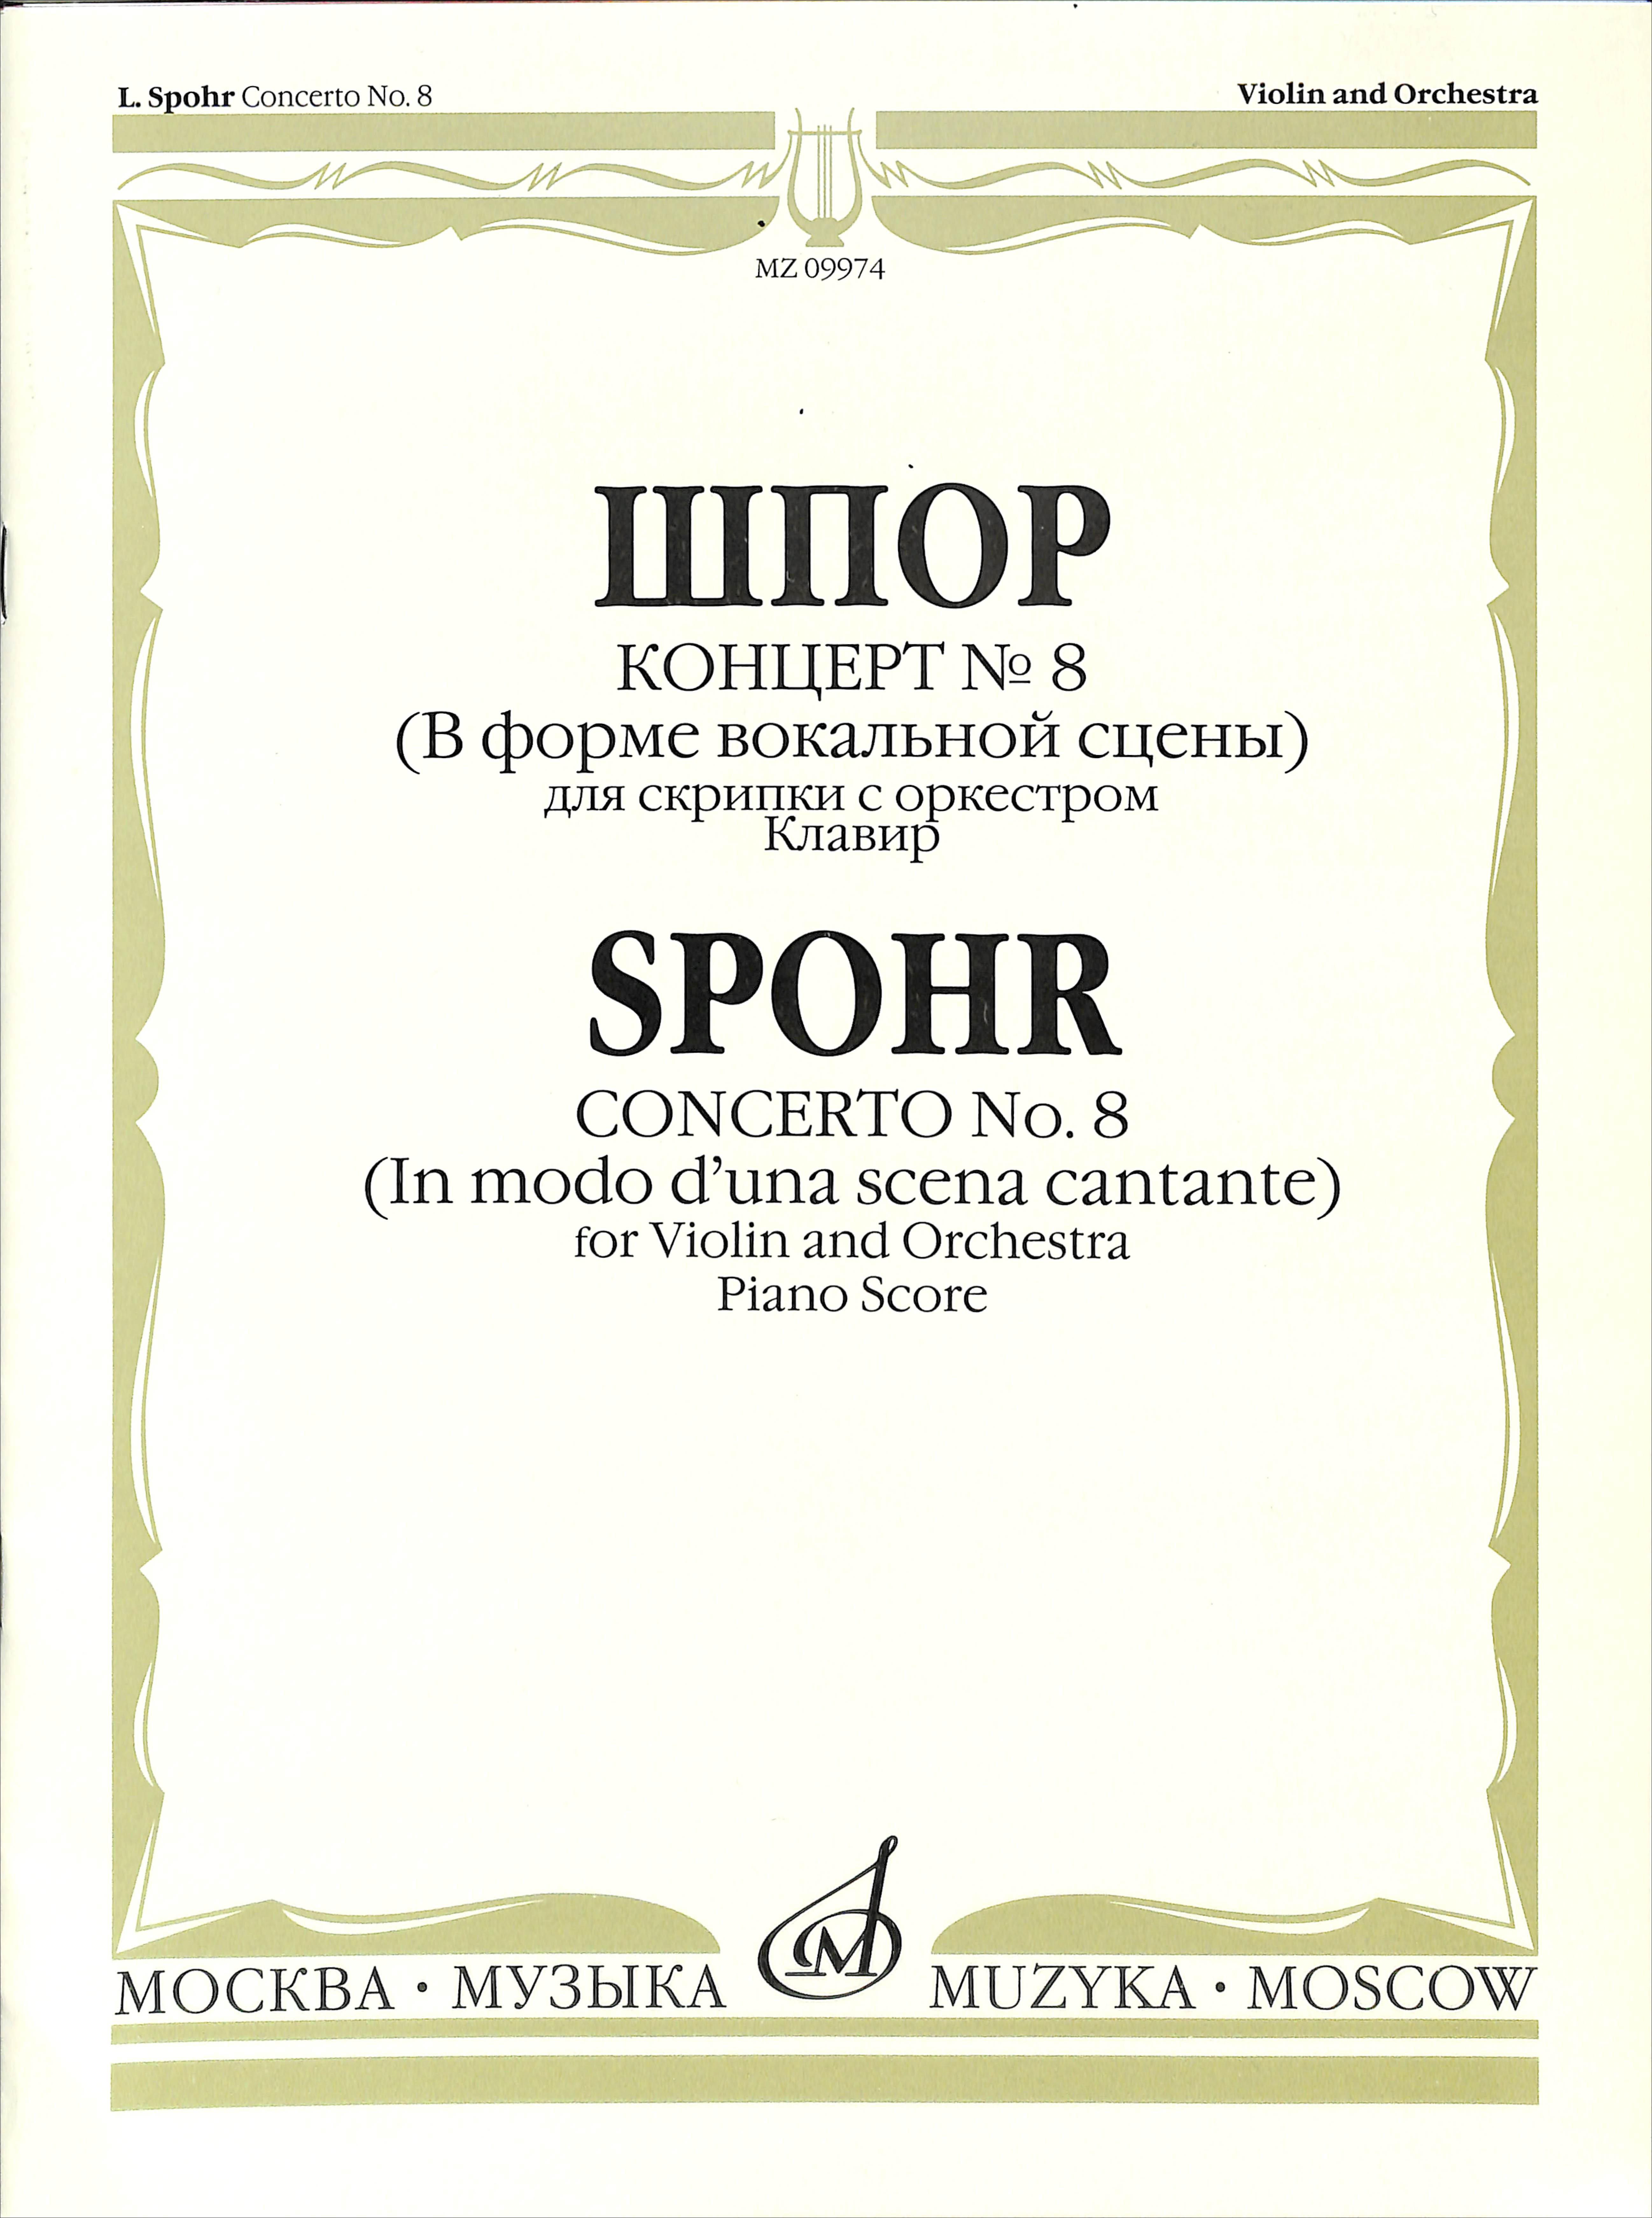 Concerto No. 8